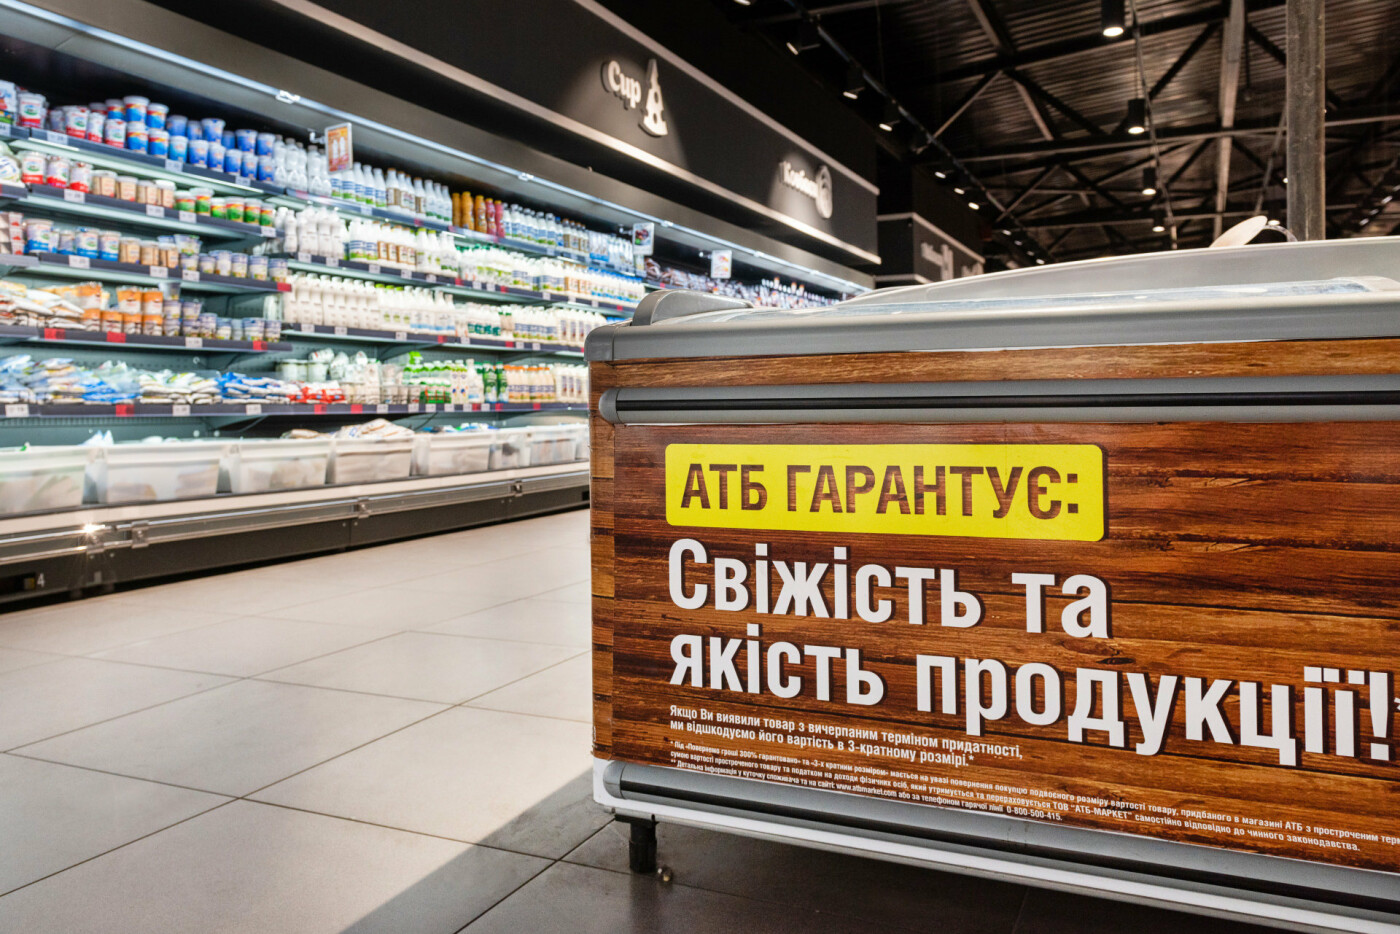 Интернет-магазин «АТБ»: покупка продуктов питания онлайн уже доступна в Украине, фото-2